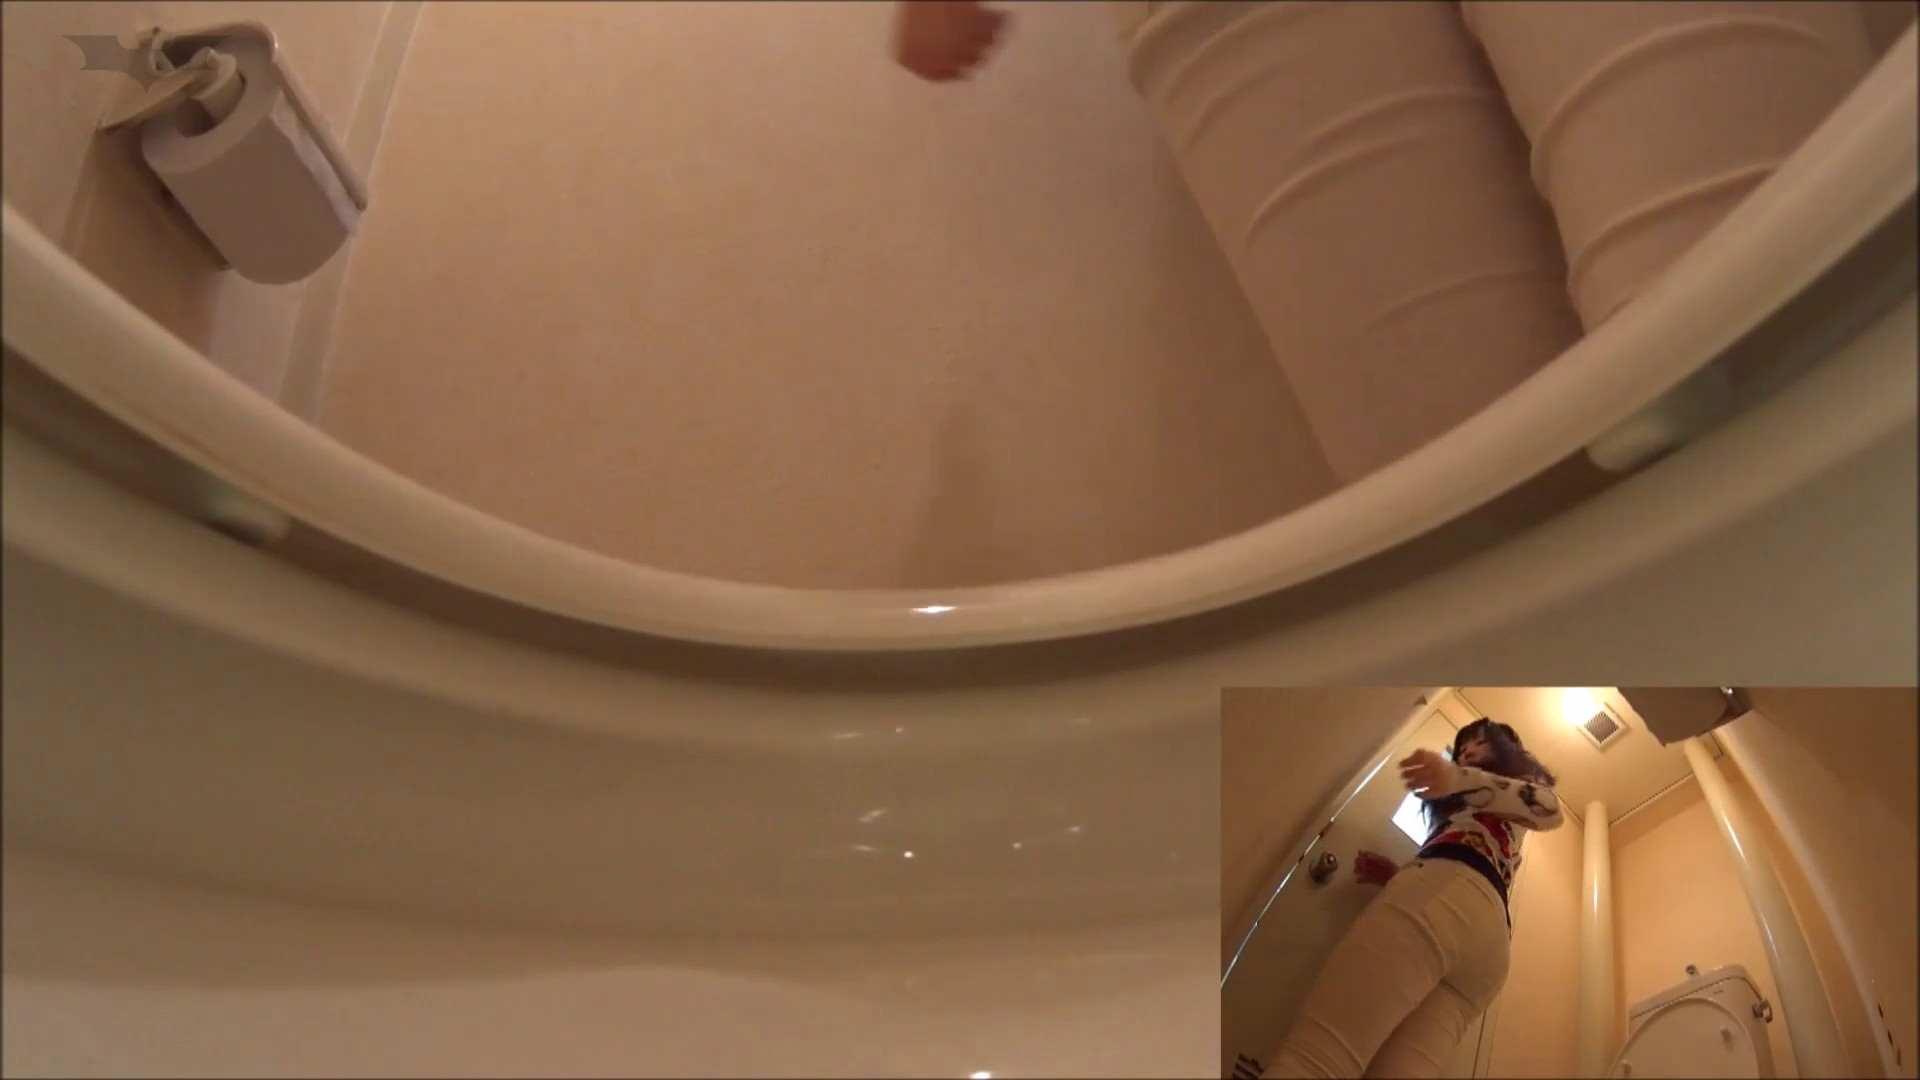 vol.03[洗面所]実はコレが目的でした。-W黒髪女子の聖水観察- 細身体型 エロ画像 77枚 38